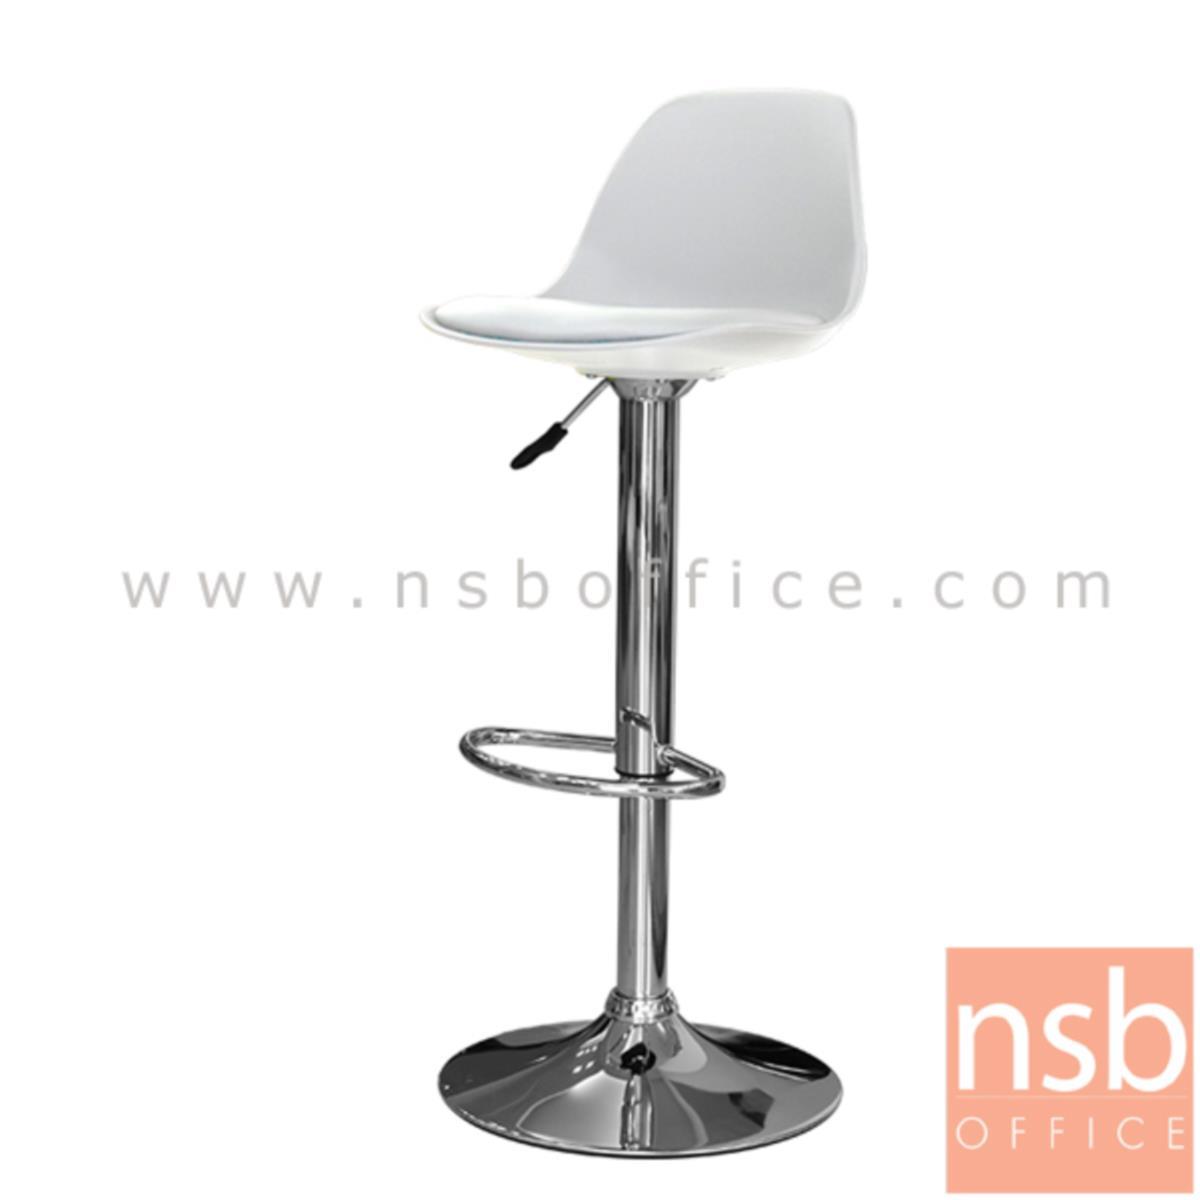 B09A179:เก้าอี้บาร์สูงเปลือกโพลี่เสริมเบาะหนังเทียม รุ่น Lapchick (แลปชิค) ขนาด 38W cm. โช๊คแก๊ส ขาโครเมี่ยมฐานจานกลม